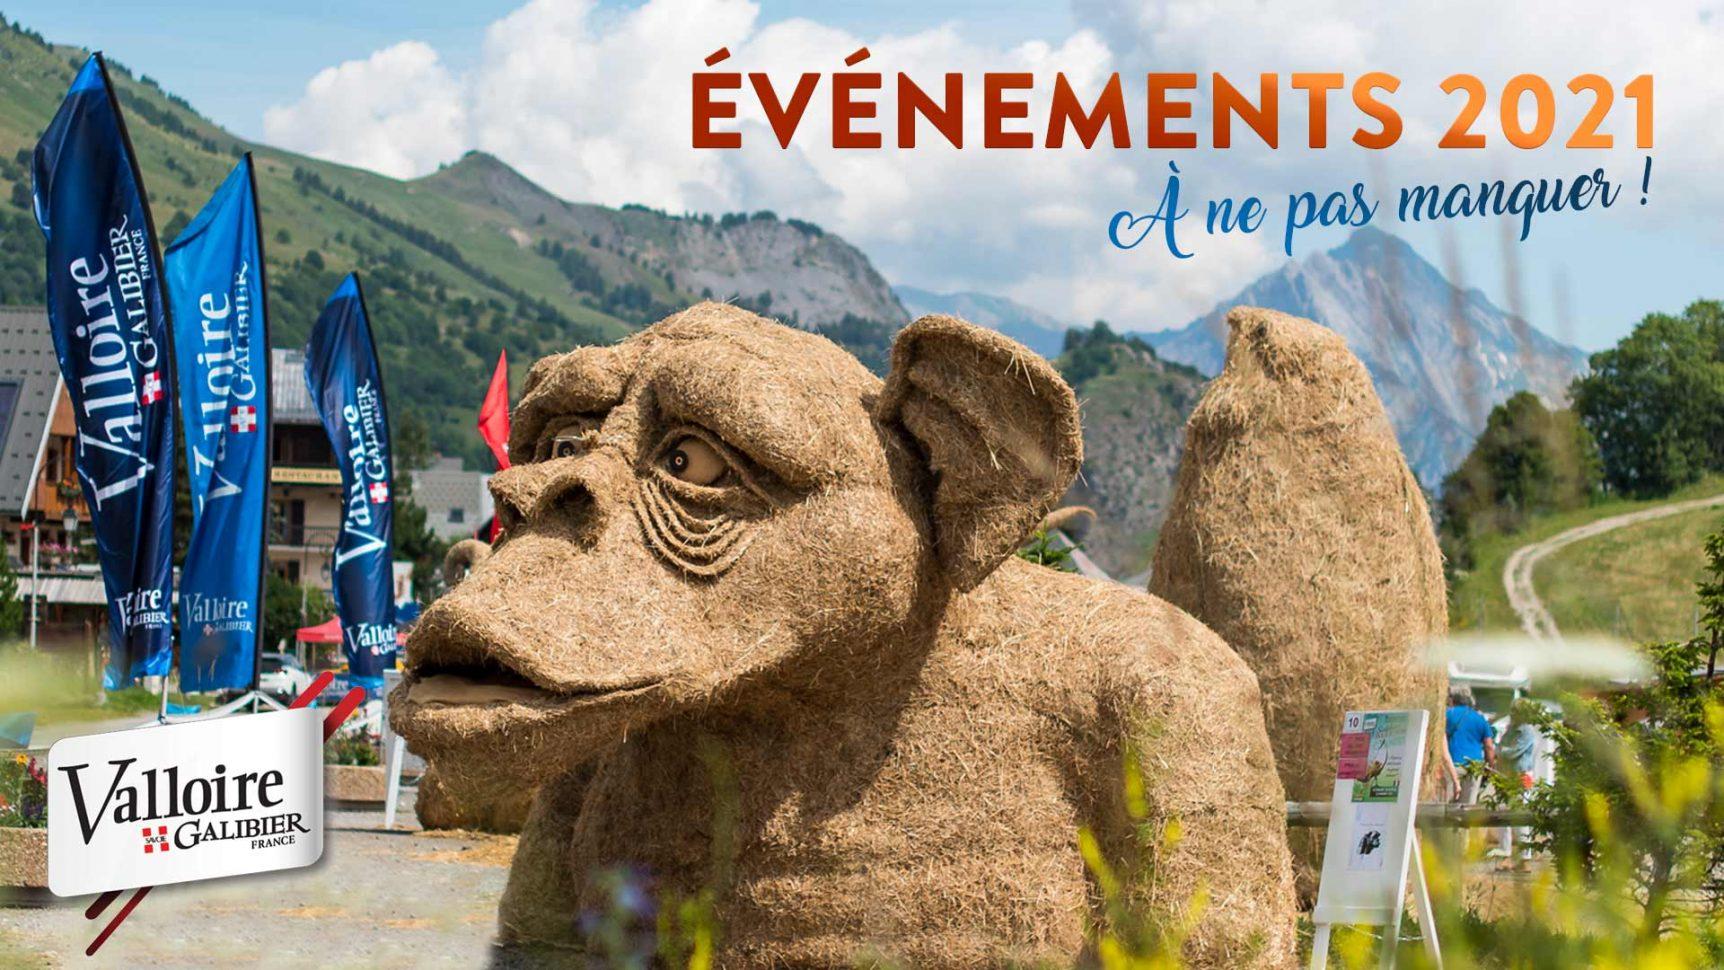 Les 17 événements à ne pas manquer cet été à Valloire